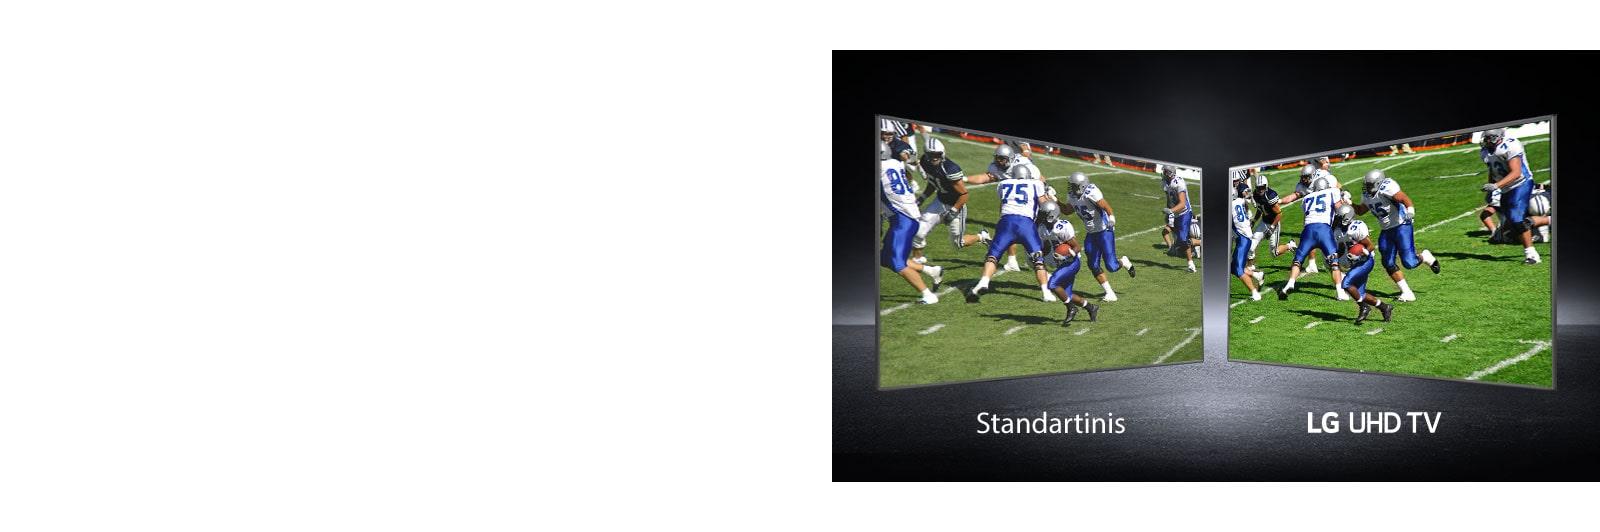 Futbolo aikštėje žaidžiančių žaidėjų vaizdas skirtinguose rodiniuose. Vienas rodomas įprastame ekrane, o kitas – UHD televizoriuje.